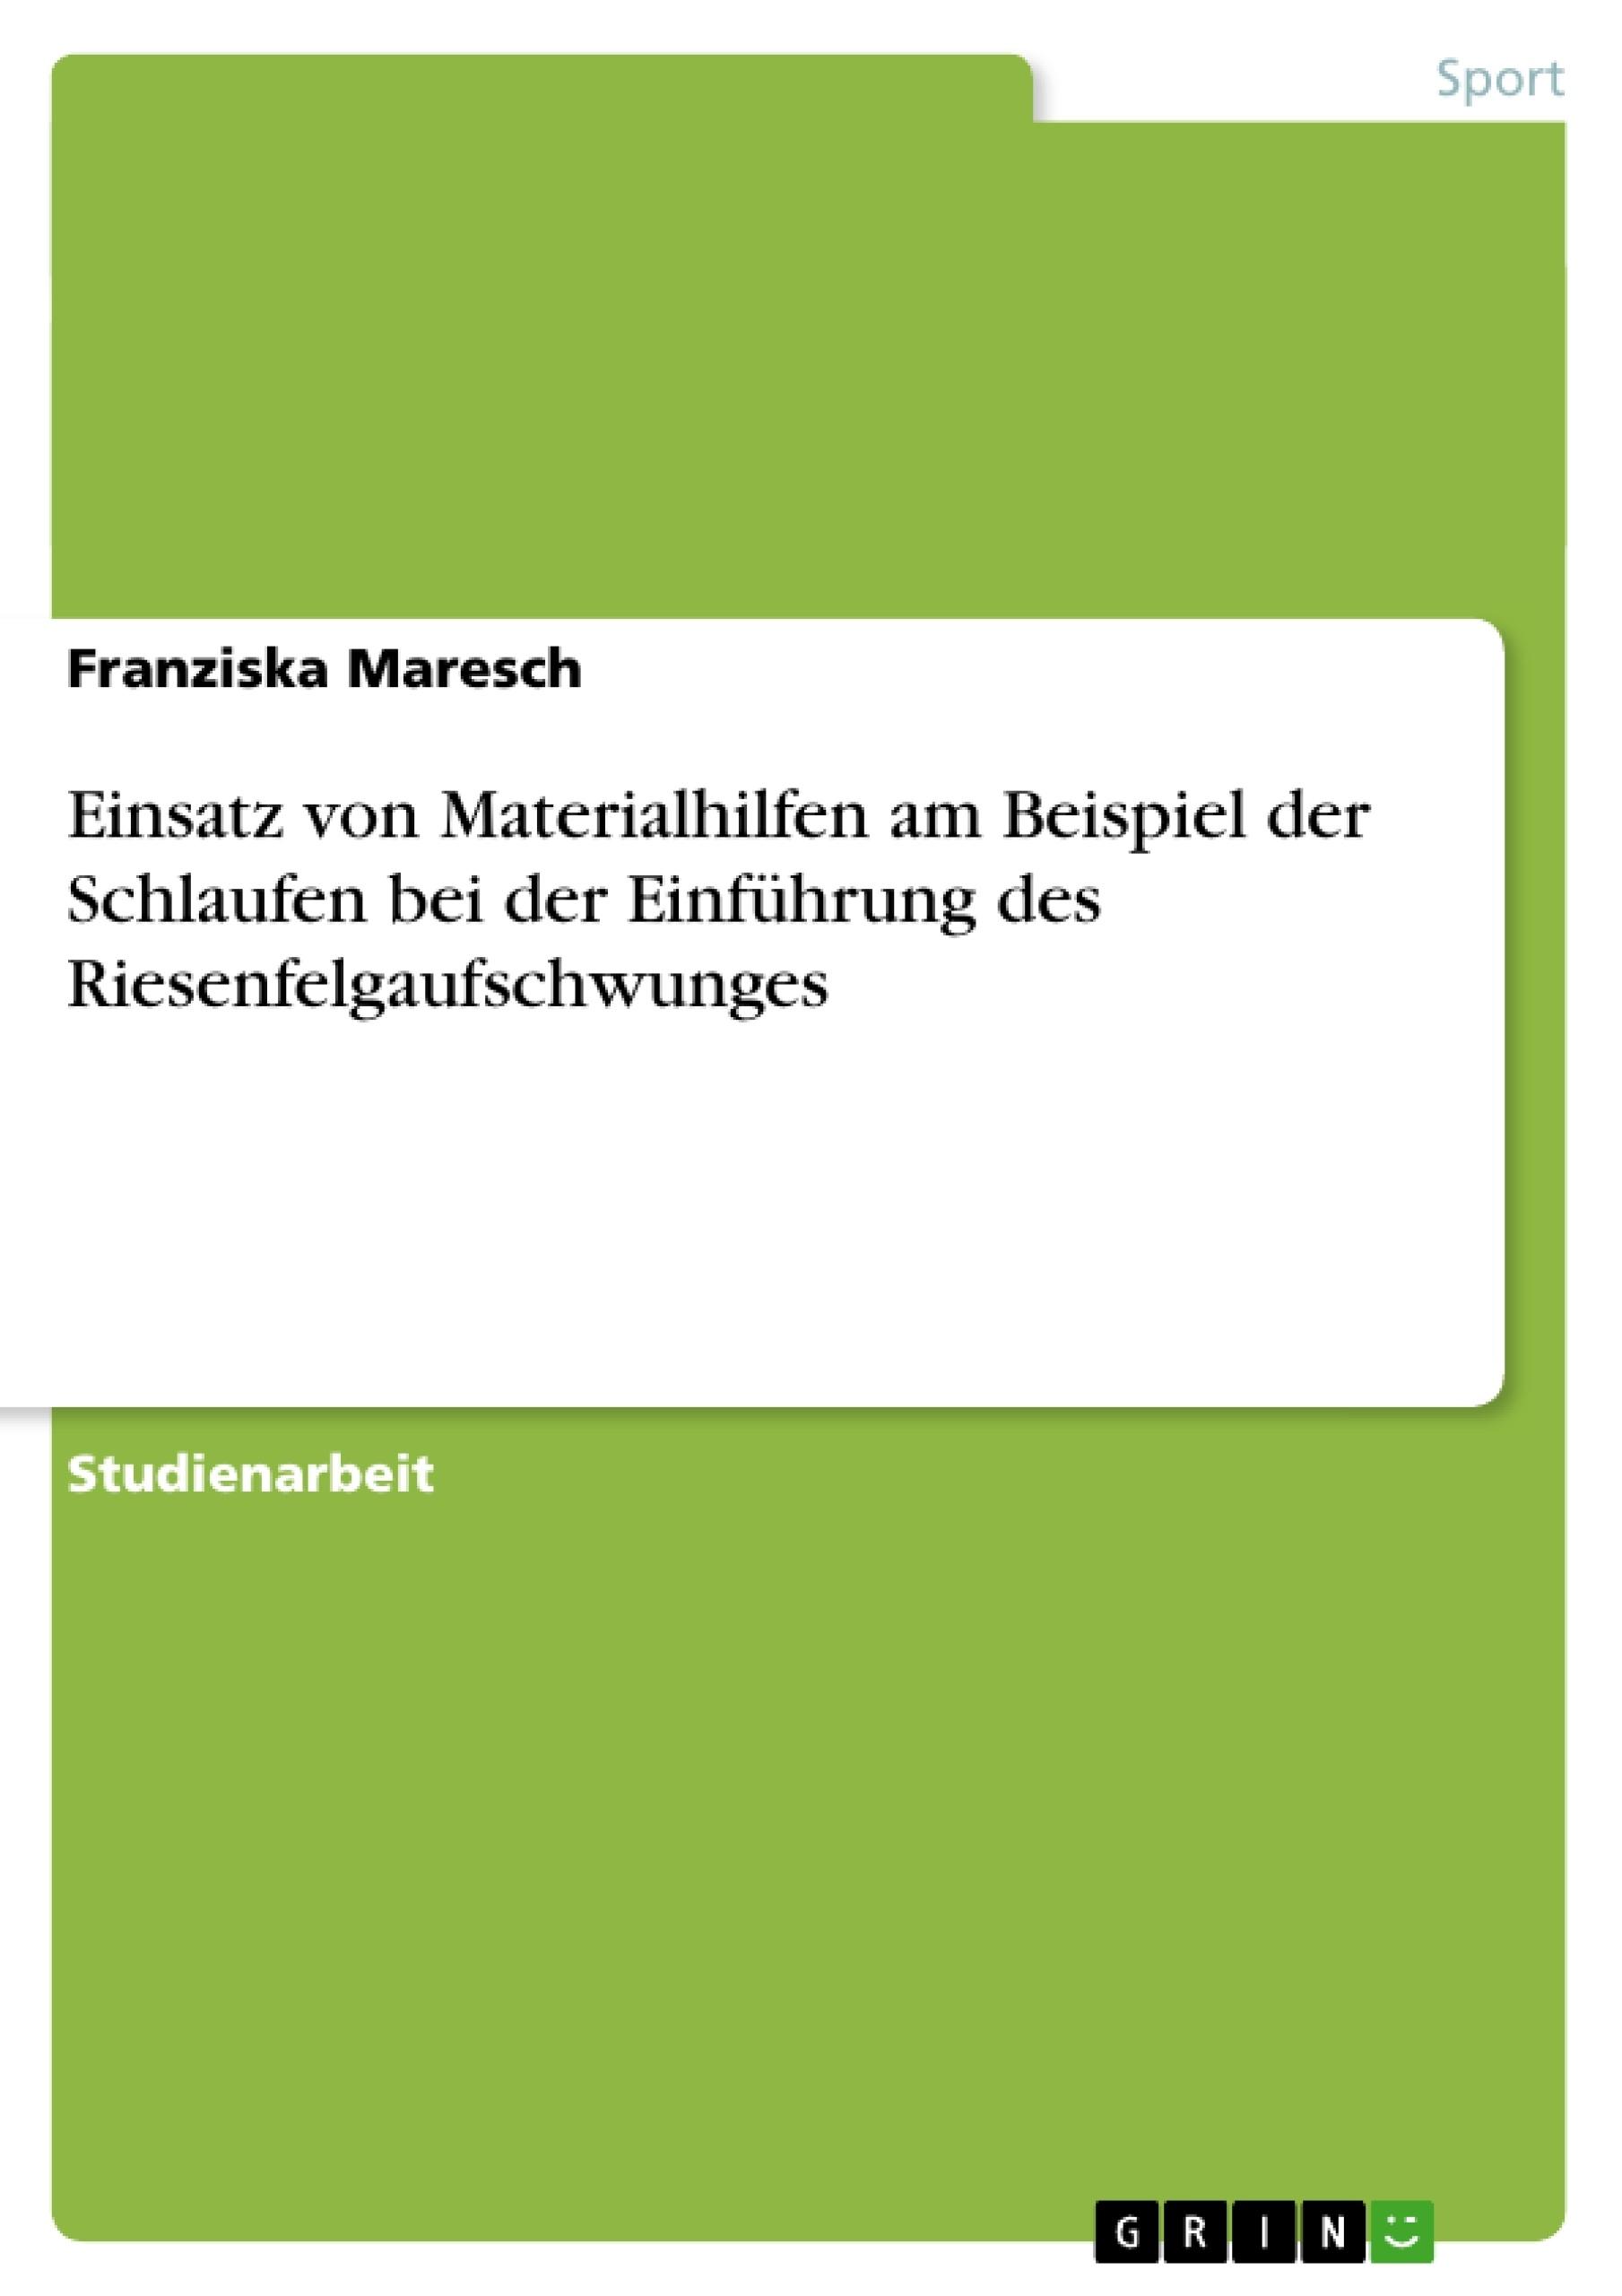 Titel: Einsatz von Materialhilfen am Beispiel der Schlaufen bei der Einführung des Riesenfelgaufschwunges